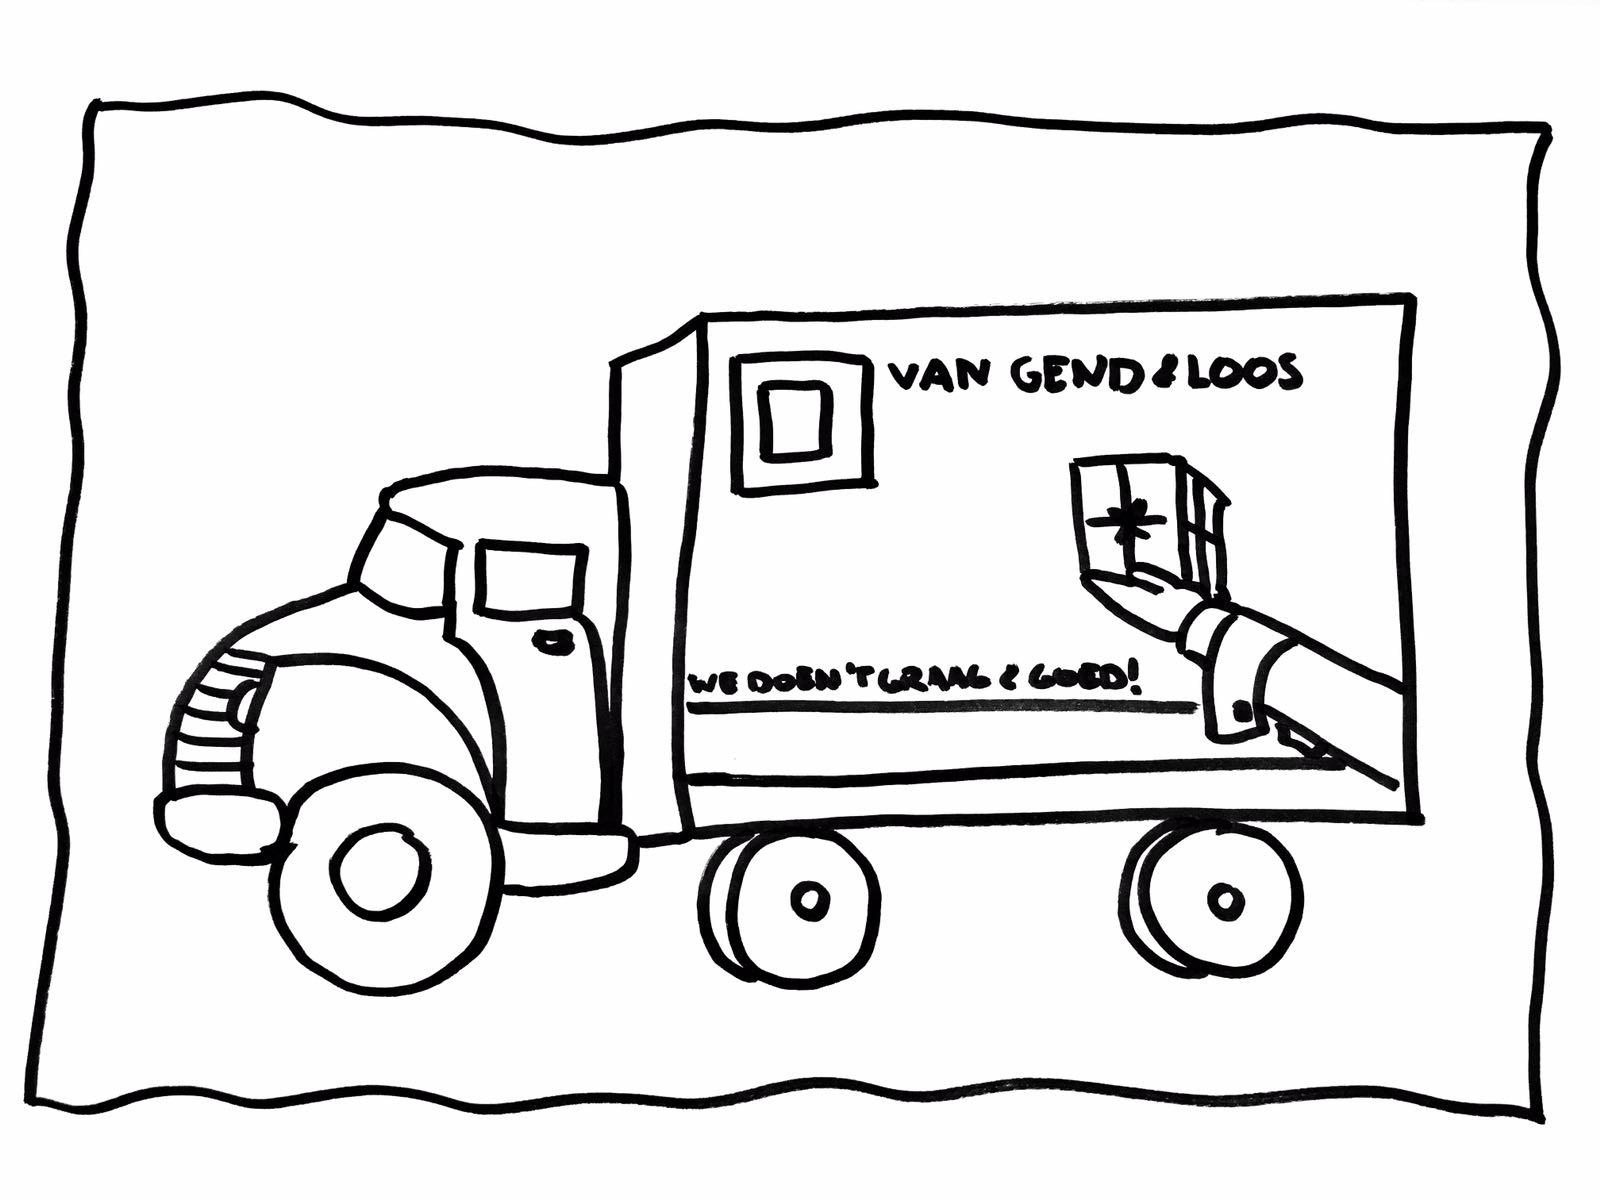 VanGendenLoos